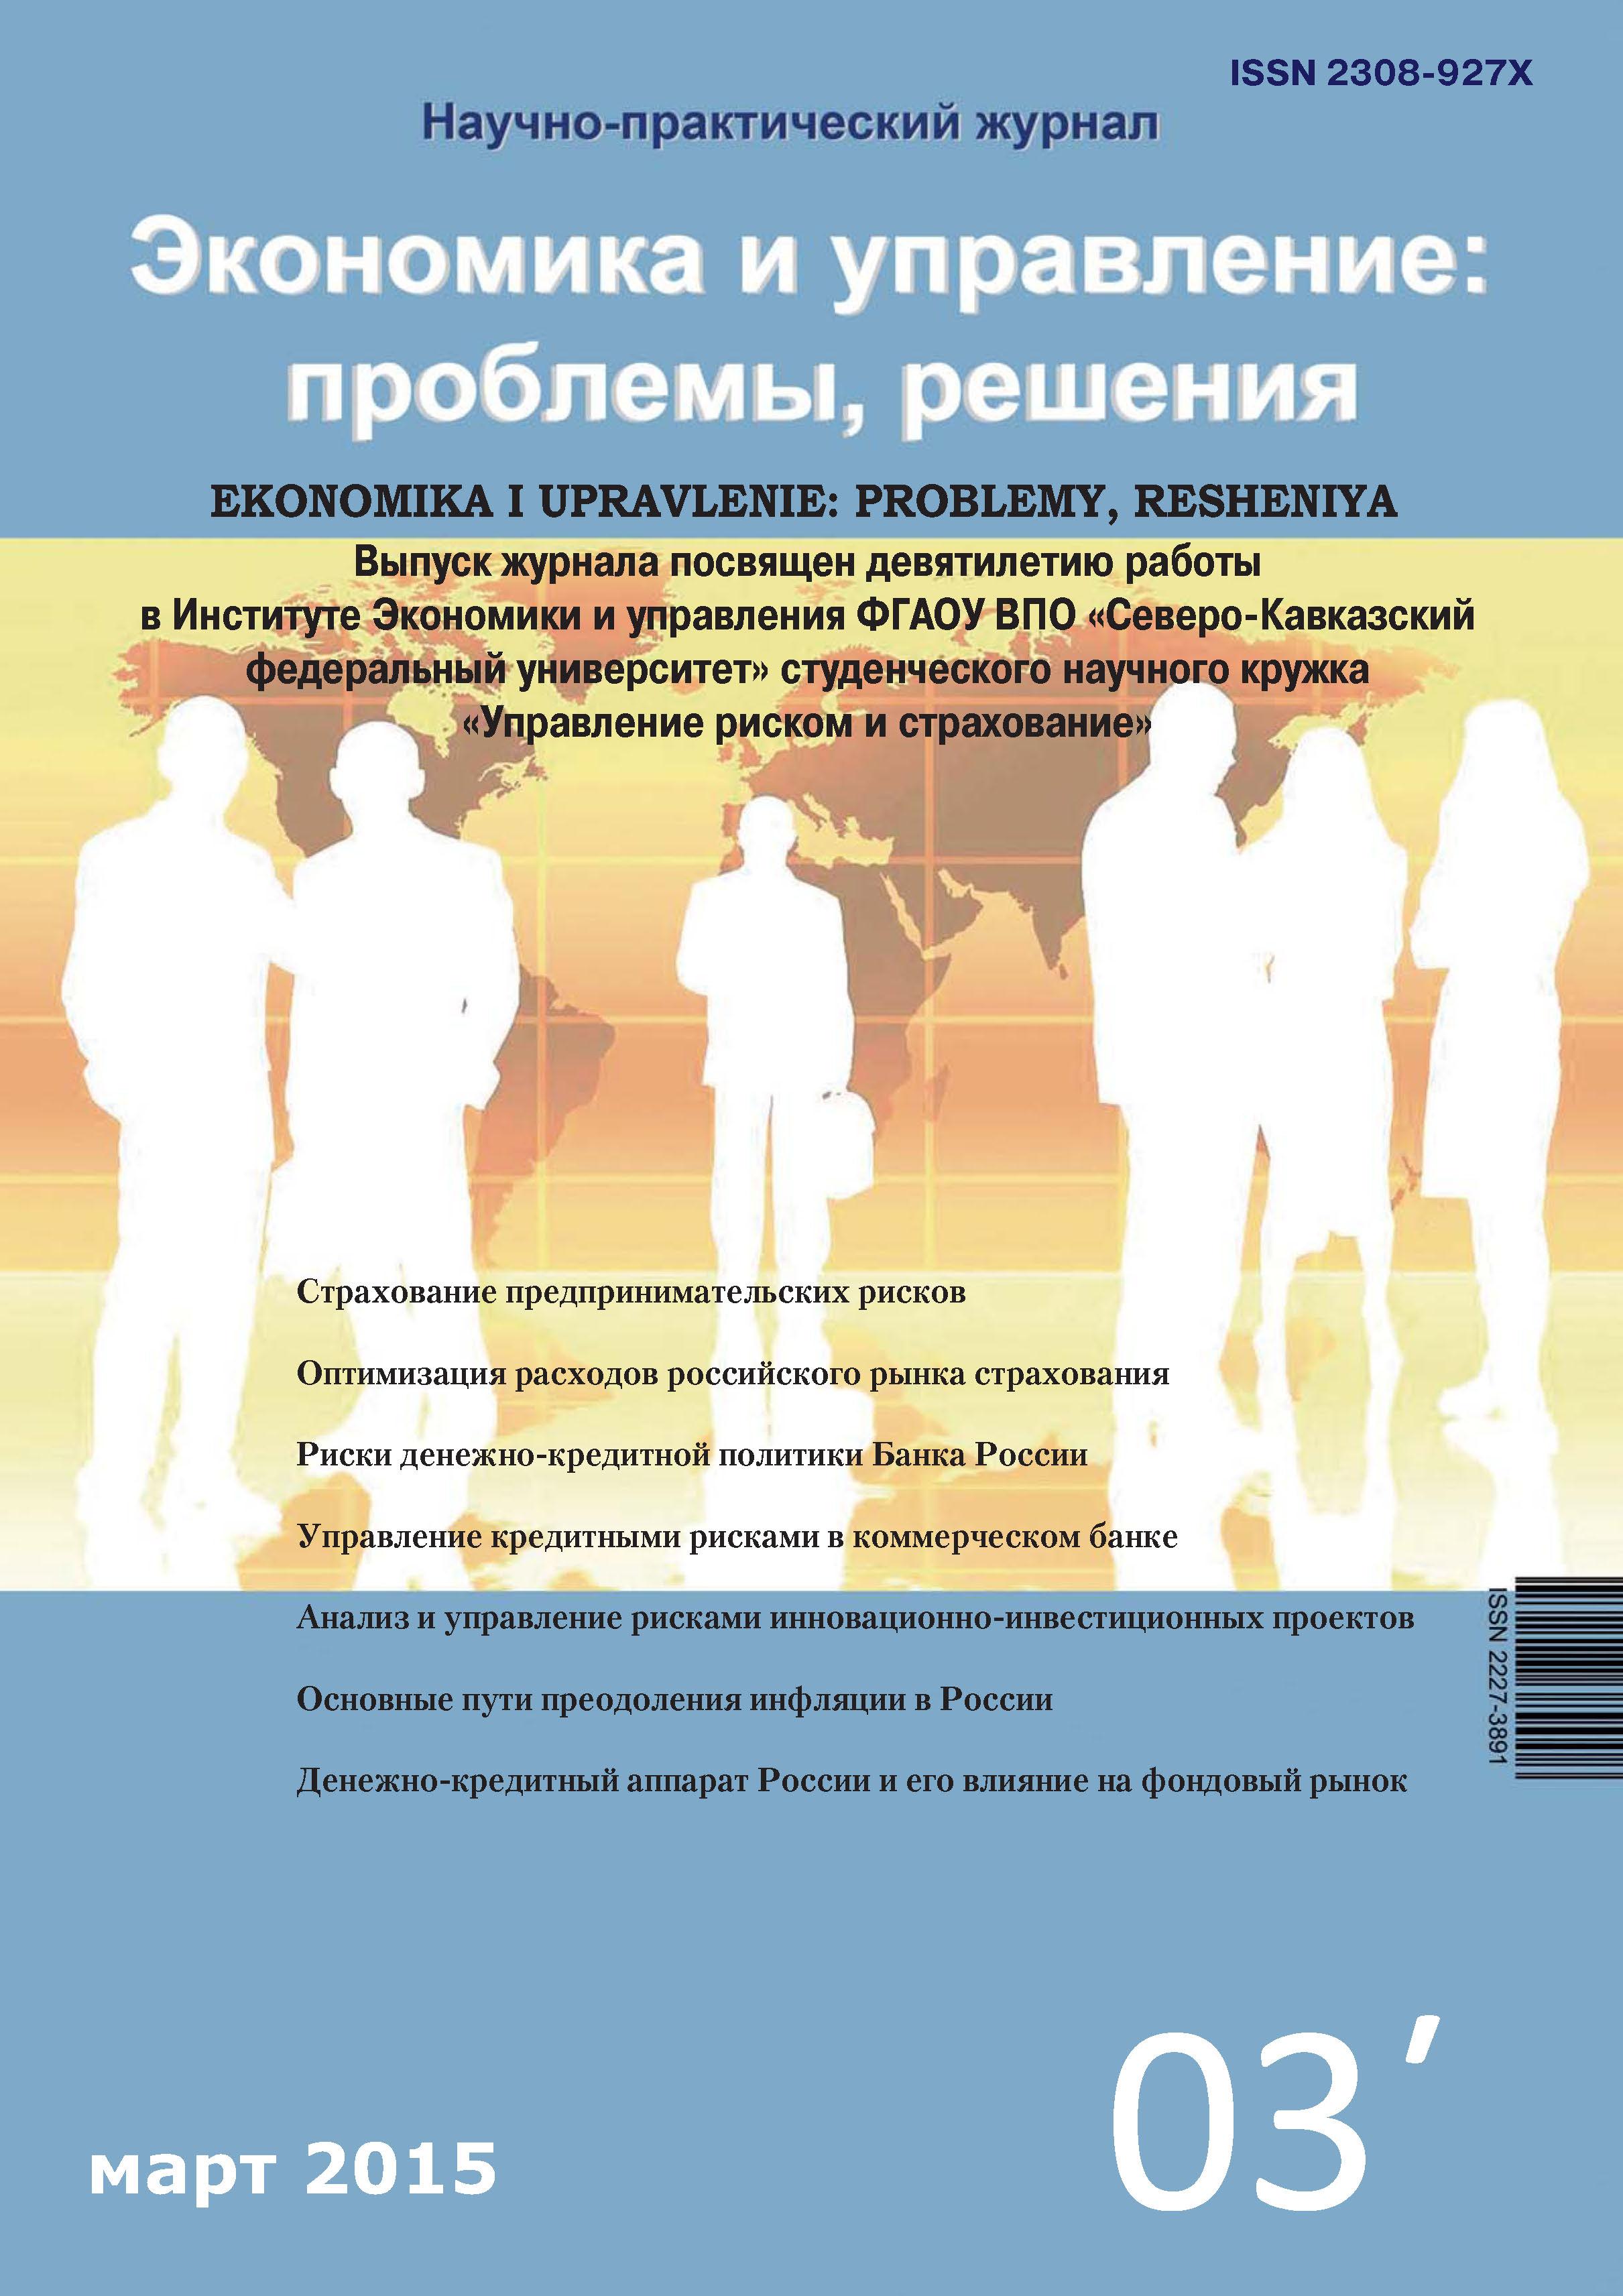 Отсутствует Экономика и управление: проблемы, решения №03/2015 белозеров с кузнецова н ред страхование и управление рисками проблемы и перспективы